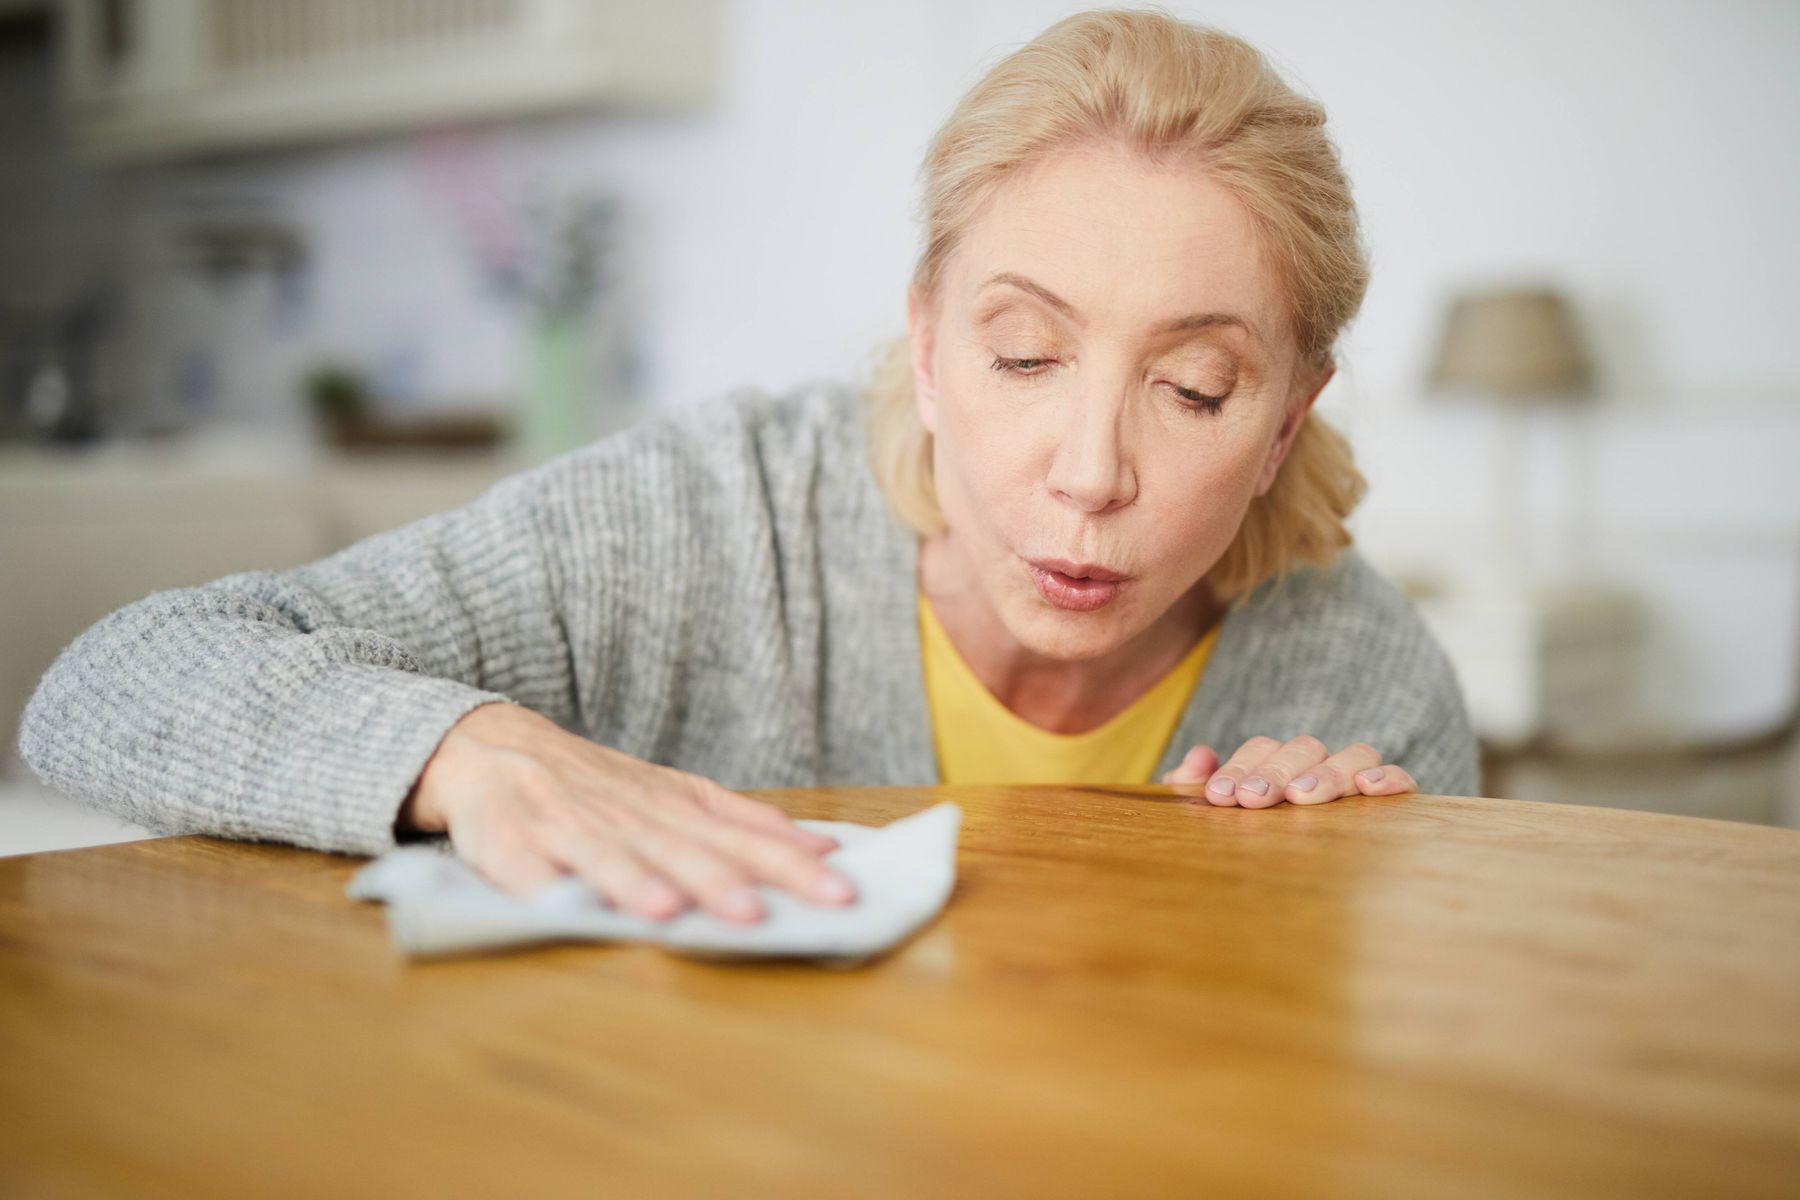 Mulher limpando superfície de madeira com pano branco